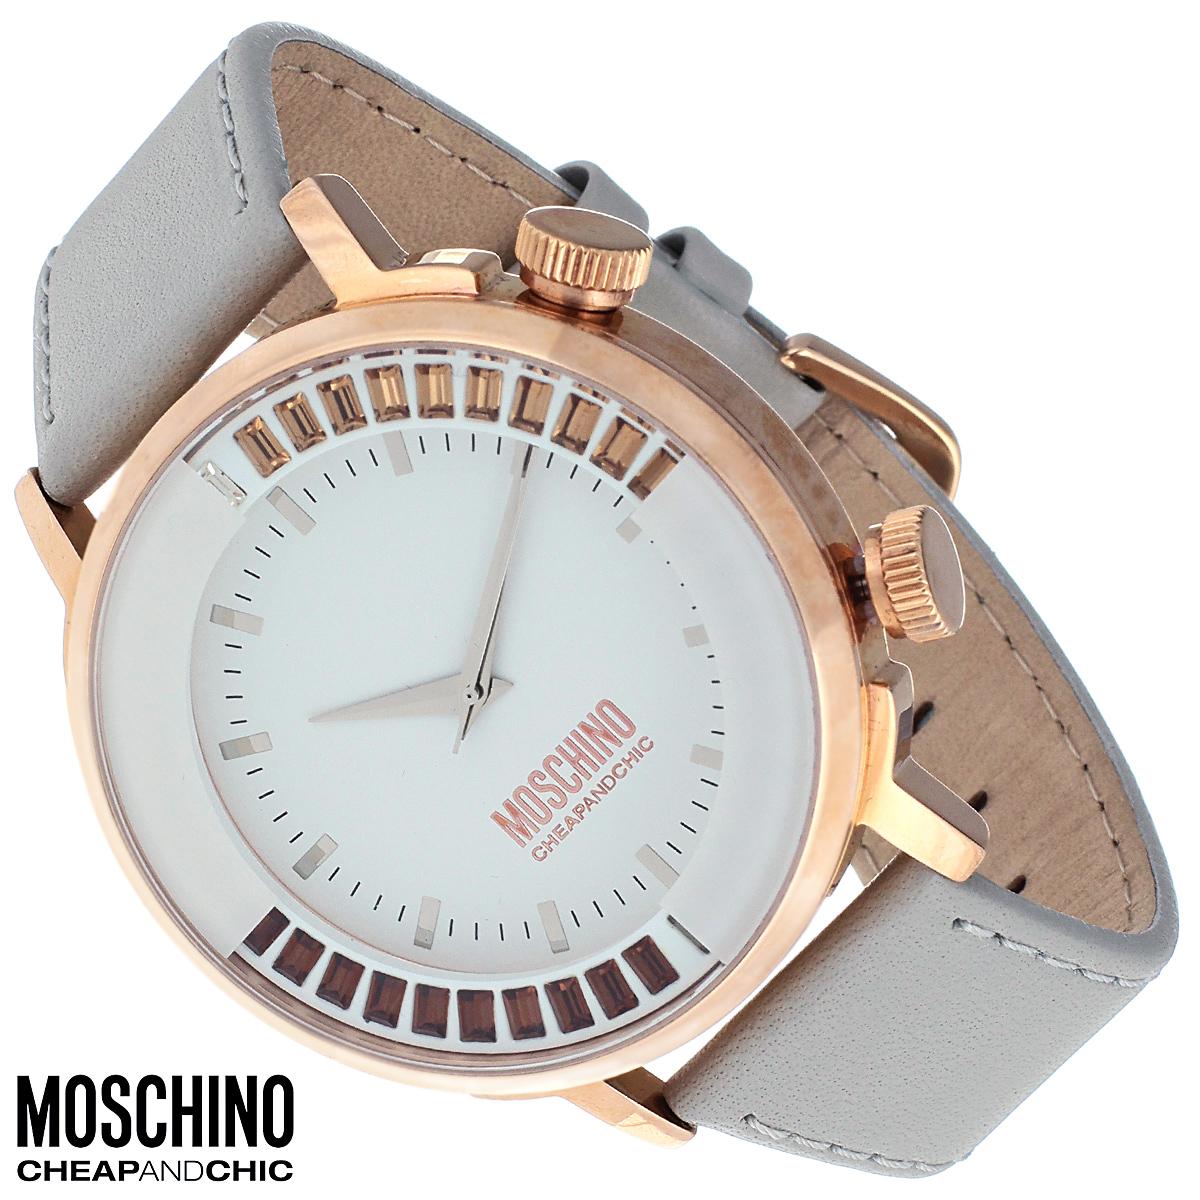 Часы женские наручные Moschino, цвет: золотой, светло-серый. MW0429MW0429Наручные часы от известного итальянского бренда Moschino - это не только стильный и функциональный аксессуар, но и современные технологи, сочетающиеся с экстравагантным дизайном и индивидуальностью. Часы Moschino оснащены кварцевым механизмом. Корпус выполнен из высококачественной нержавеющей стали с PVD-покрытием. Циферблат с отметками защищен минеральным стеклом и декорирован цветными стразами. Часы имеют три стрелки - часовую, минутную и секундную. Ремешок часов выполнен из натуральной кожи и оснащен классической застежкой. Часы упакованы в фирменную металлическую коробку с логотипом бренда. Часы Moschino благодаря своему уникальному дизайну отличаются от часов других марок своеобразными циферблатами, функциональностью, а также набором уникальных технических свойств. Каждой модели присуща легкая экстравагантность, самобытность и, безусловно, великолепный вкус. Характеристики: Диаметр циферблата: 3,2 см. Размер корпуса:...